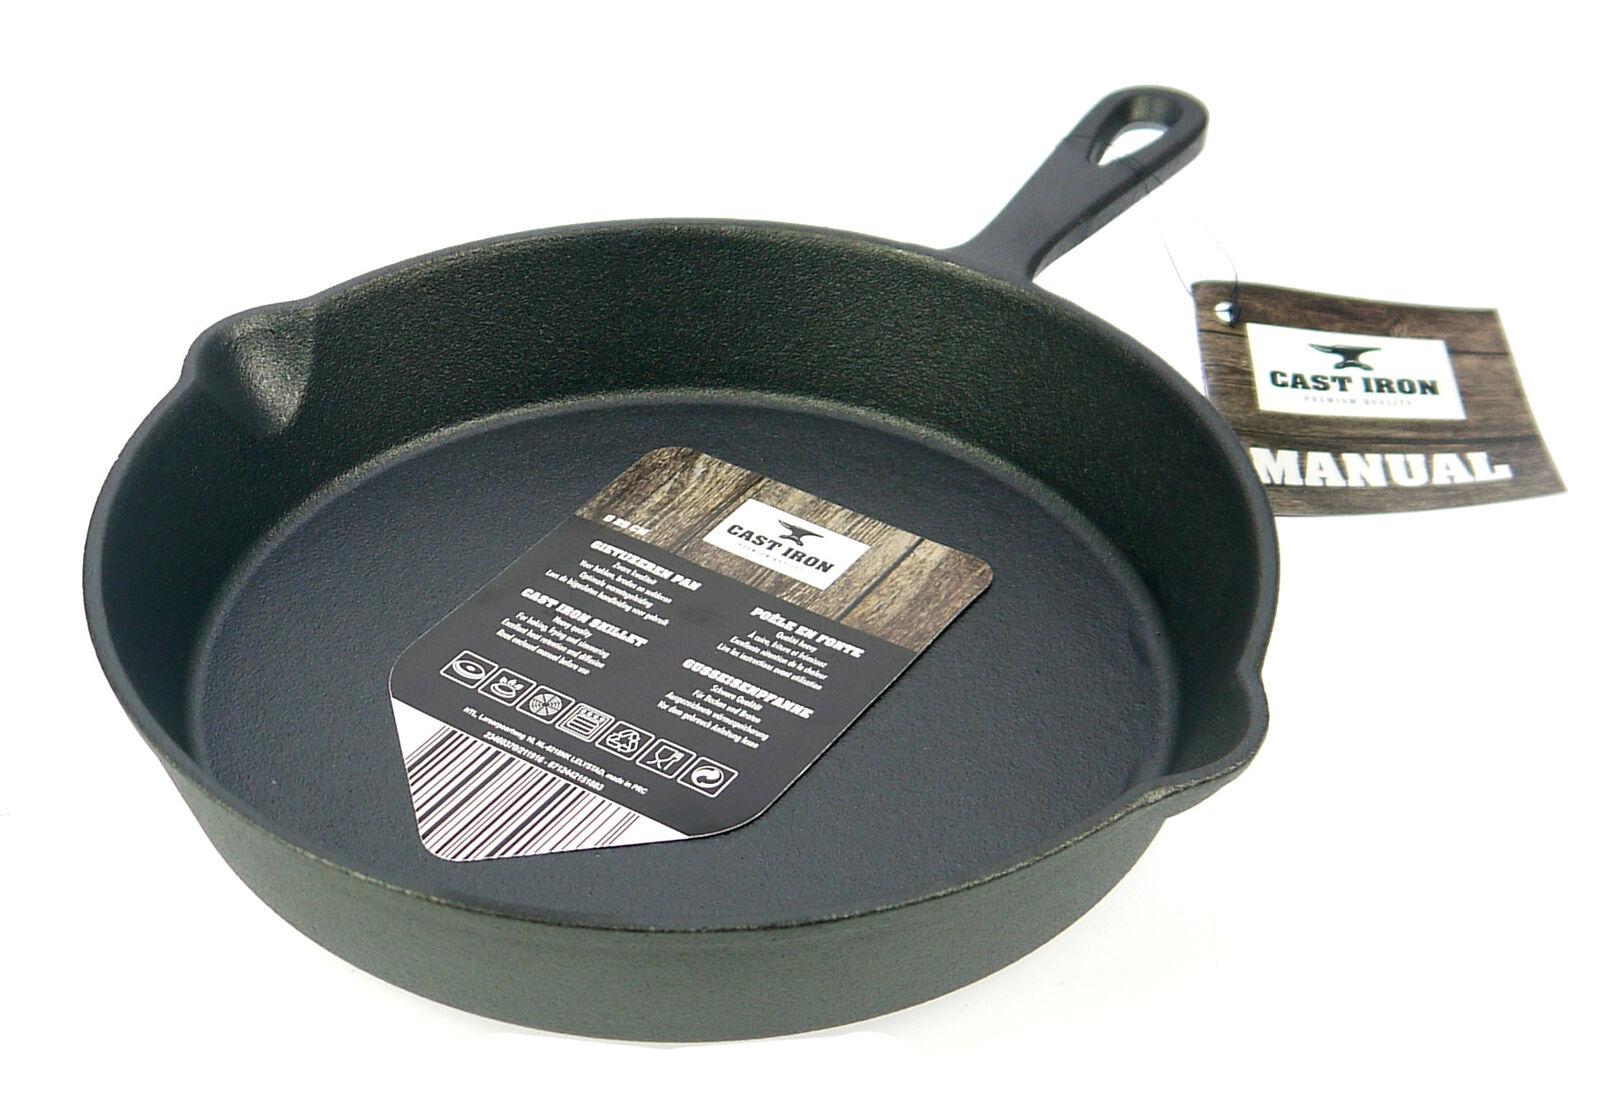 Cast Iron Gusseisen Bratpfanne Steakpfanne 15, 20 oder 25 cm